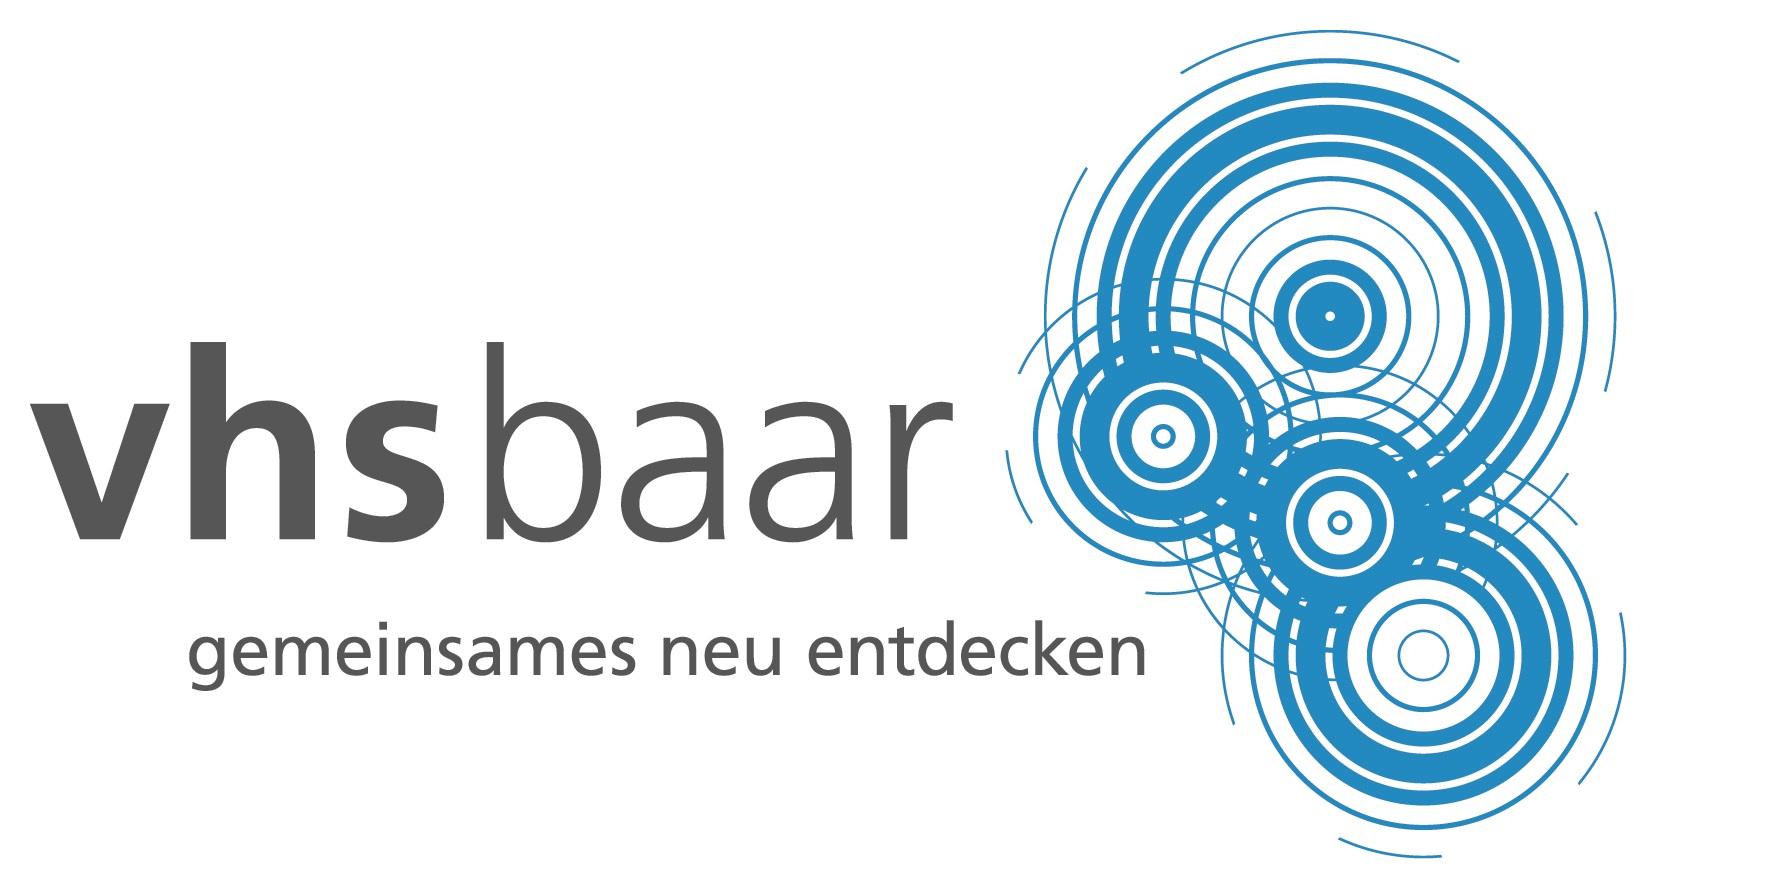 Logo der vhsbaar